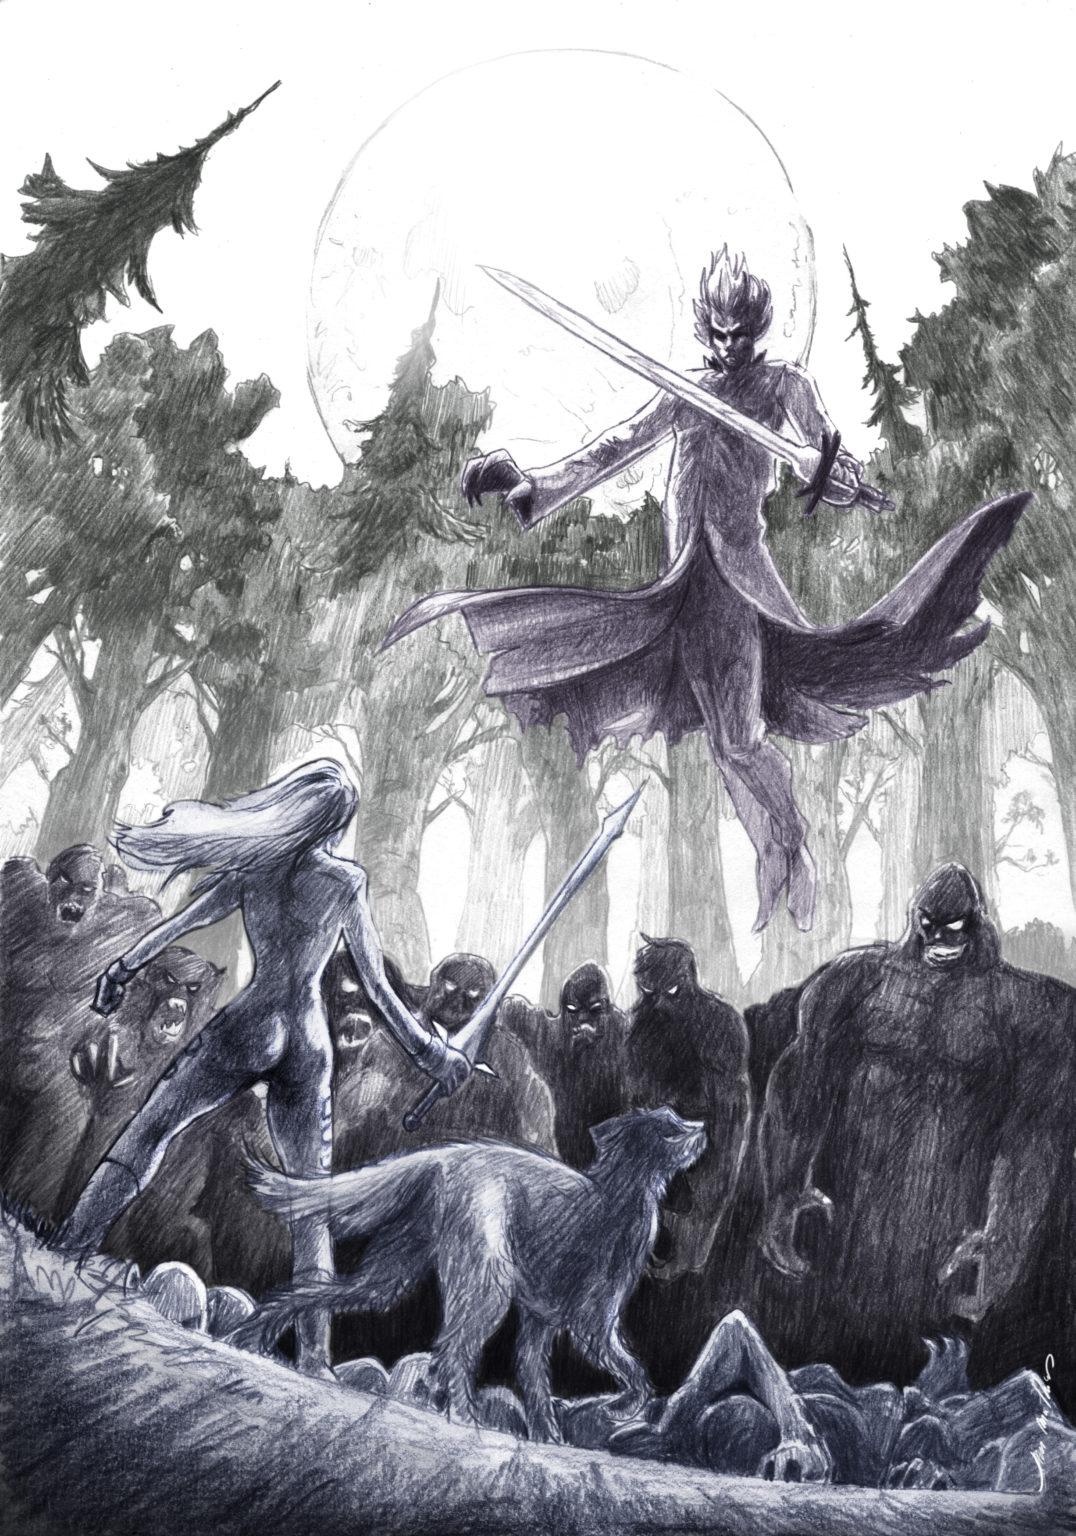 Un homme tenant une épée vole au dessus de la foule